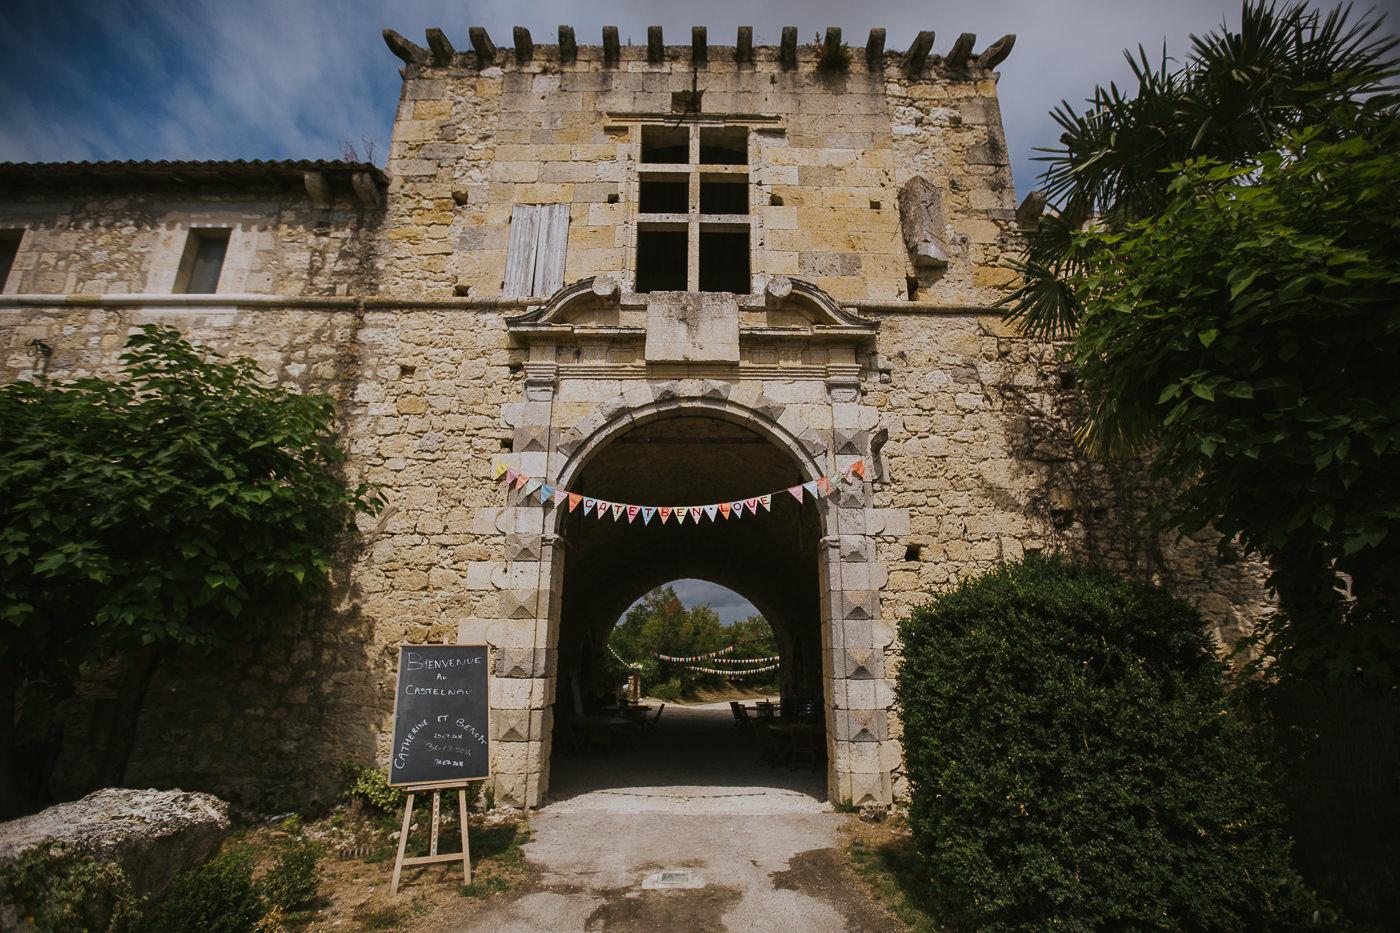 Mariage_champetre_au_village_de_castelnau-1043.jpg